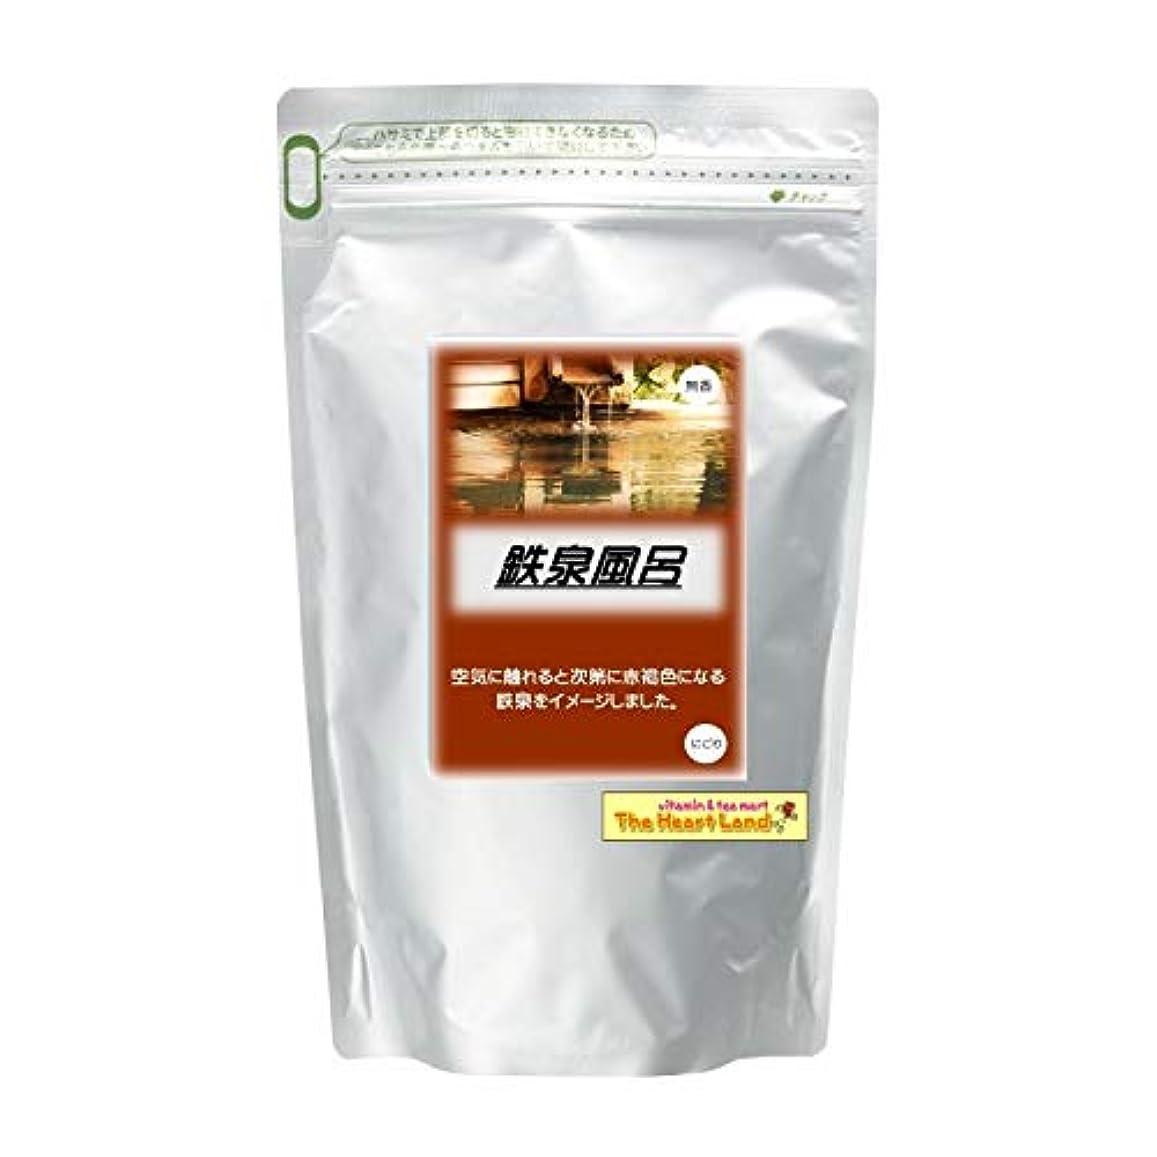 リスバンガロー拡張アサヒ入浴剤 浴用入浴化粧品 鉄泉風呂 2.5kg